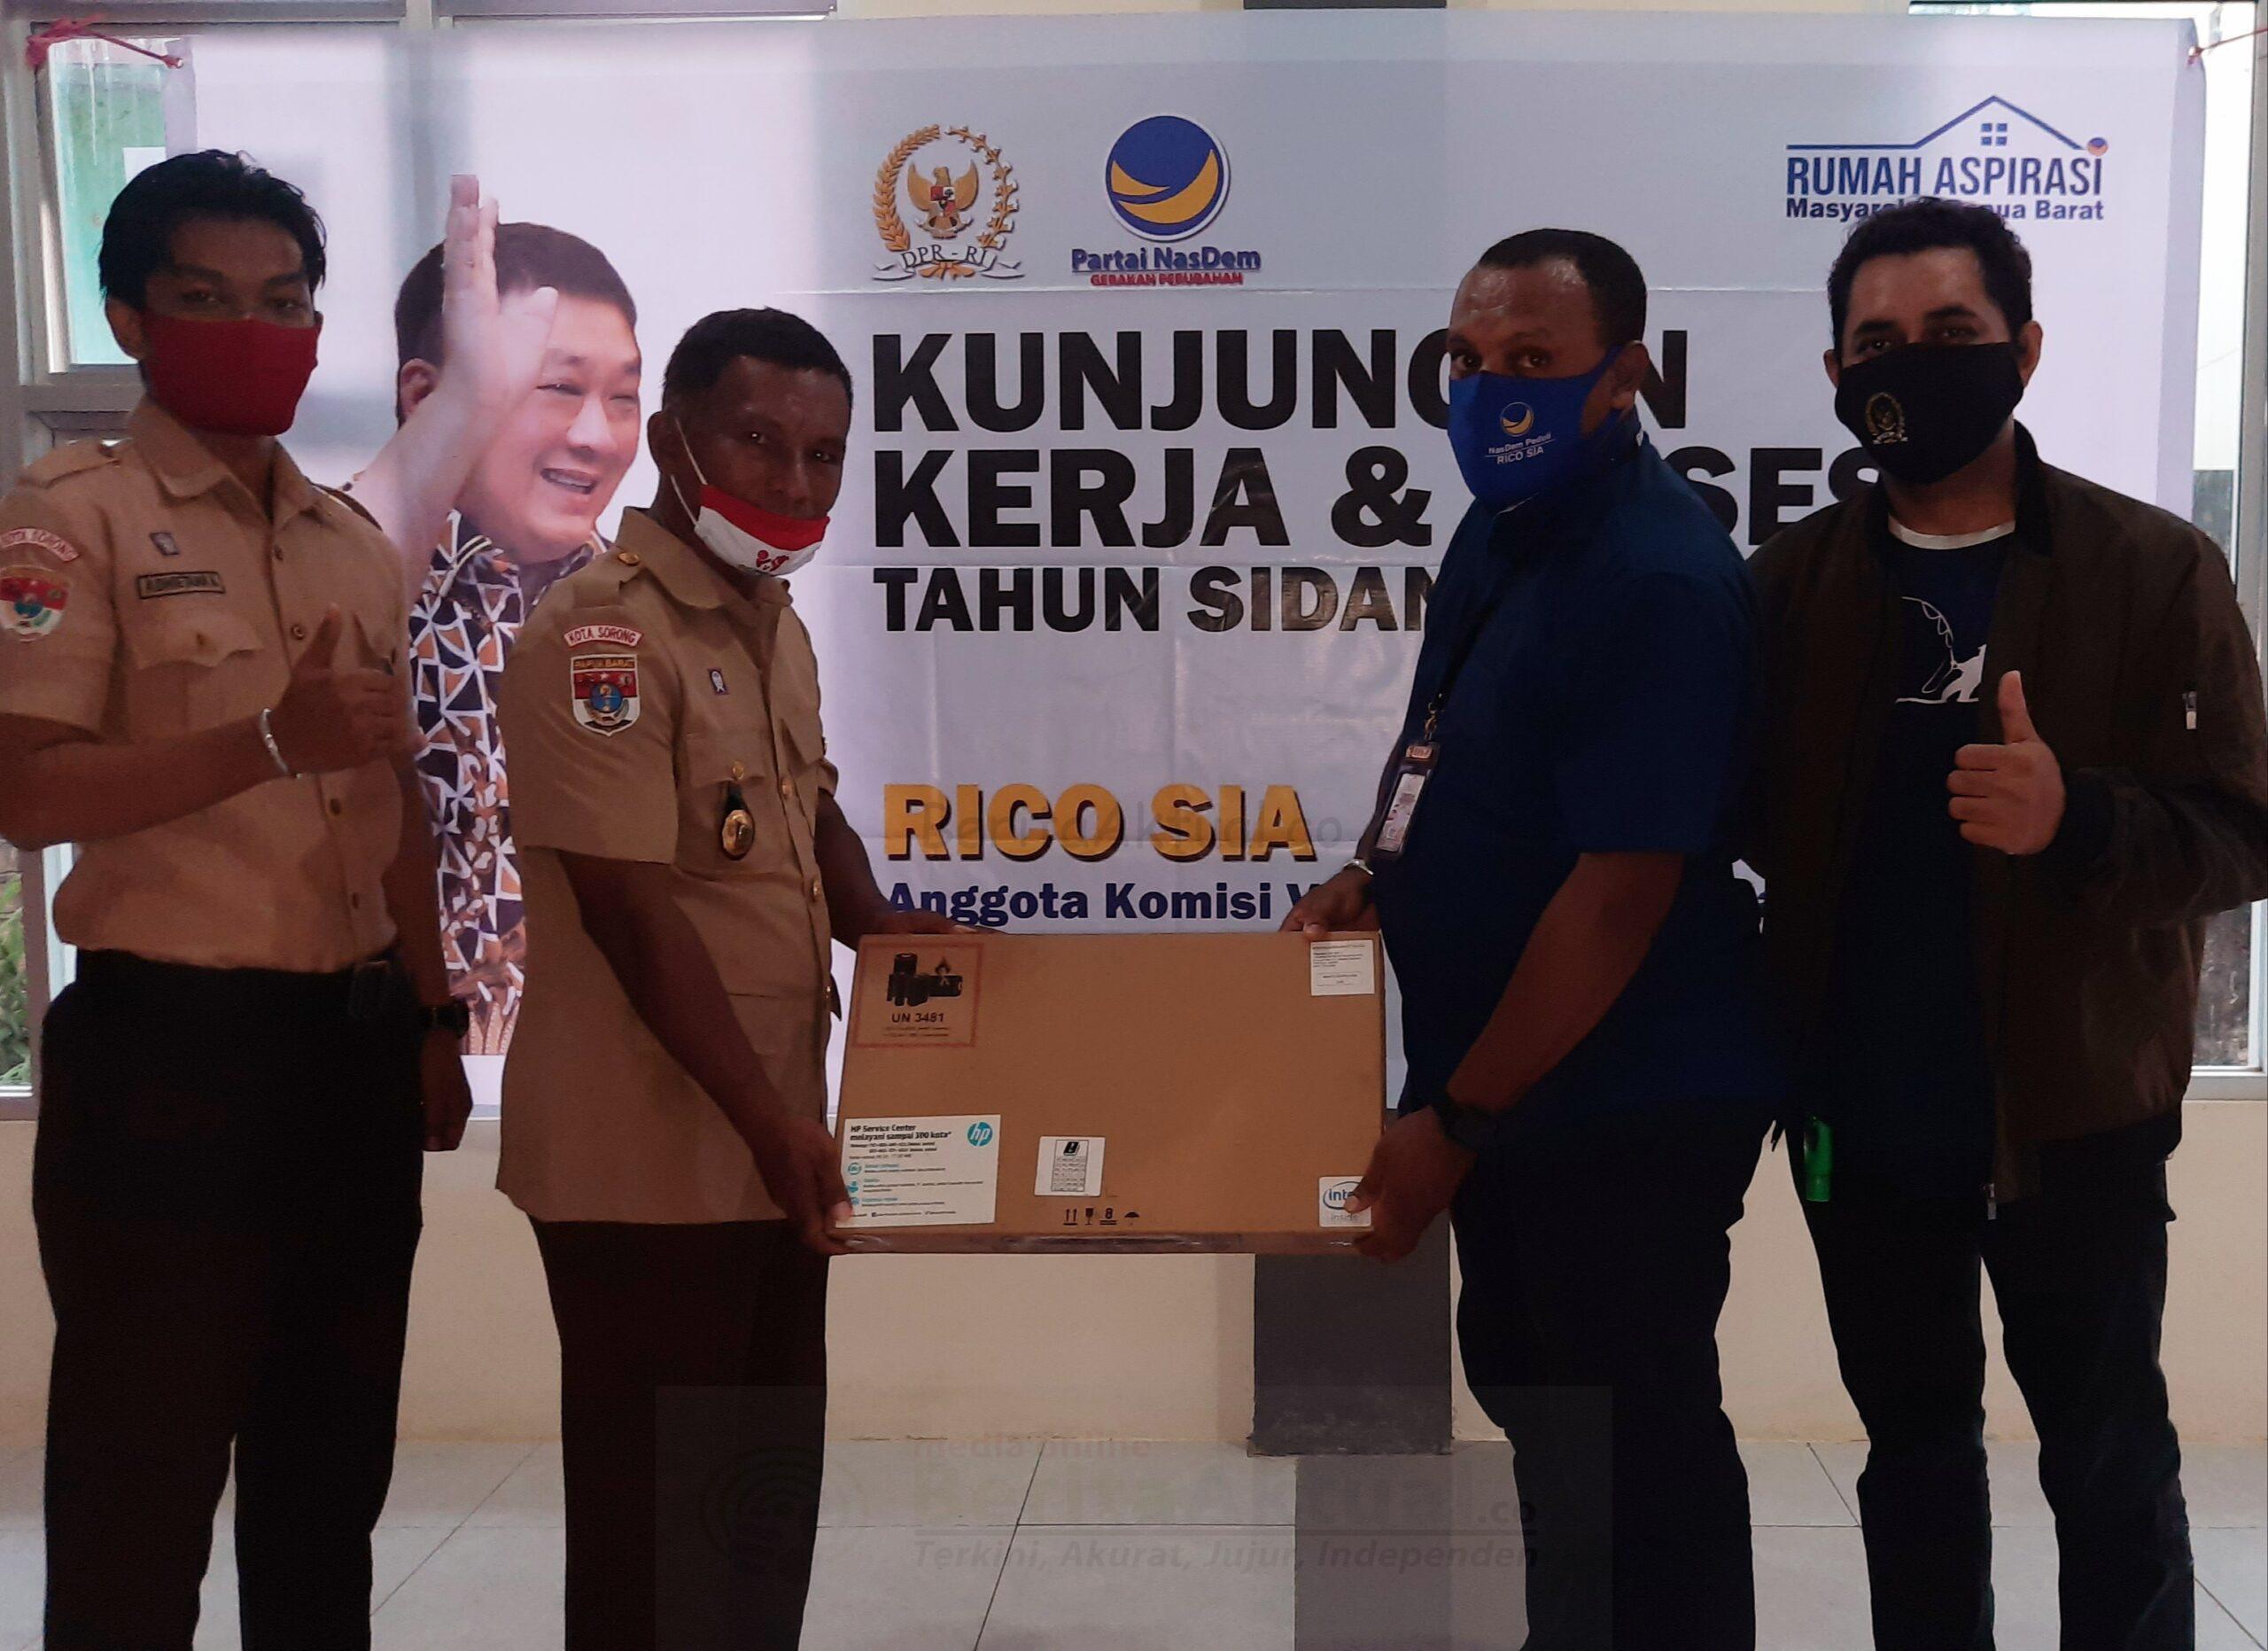 Rico Sia Realisasikan Bantuan Teknologi Untuk Kwarcab Dan Sekolah di Sorong 1 20201107 215201 scaled